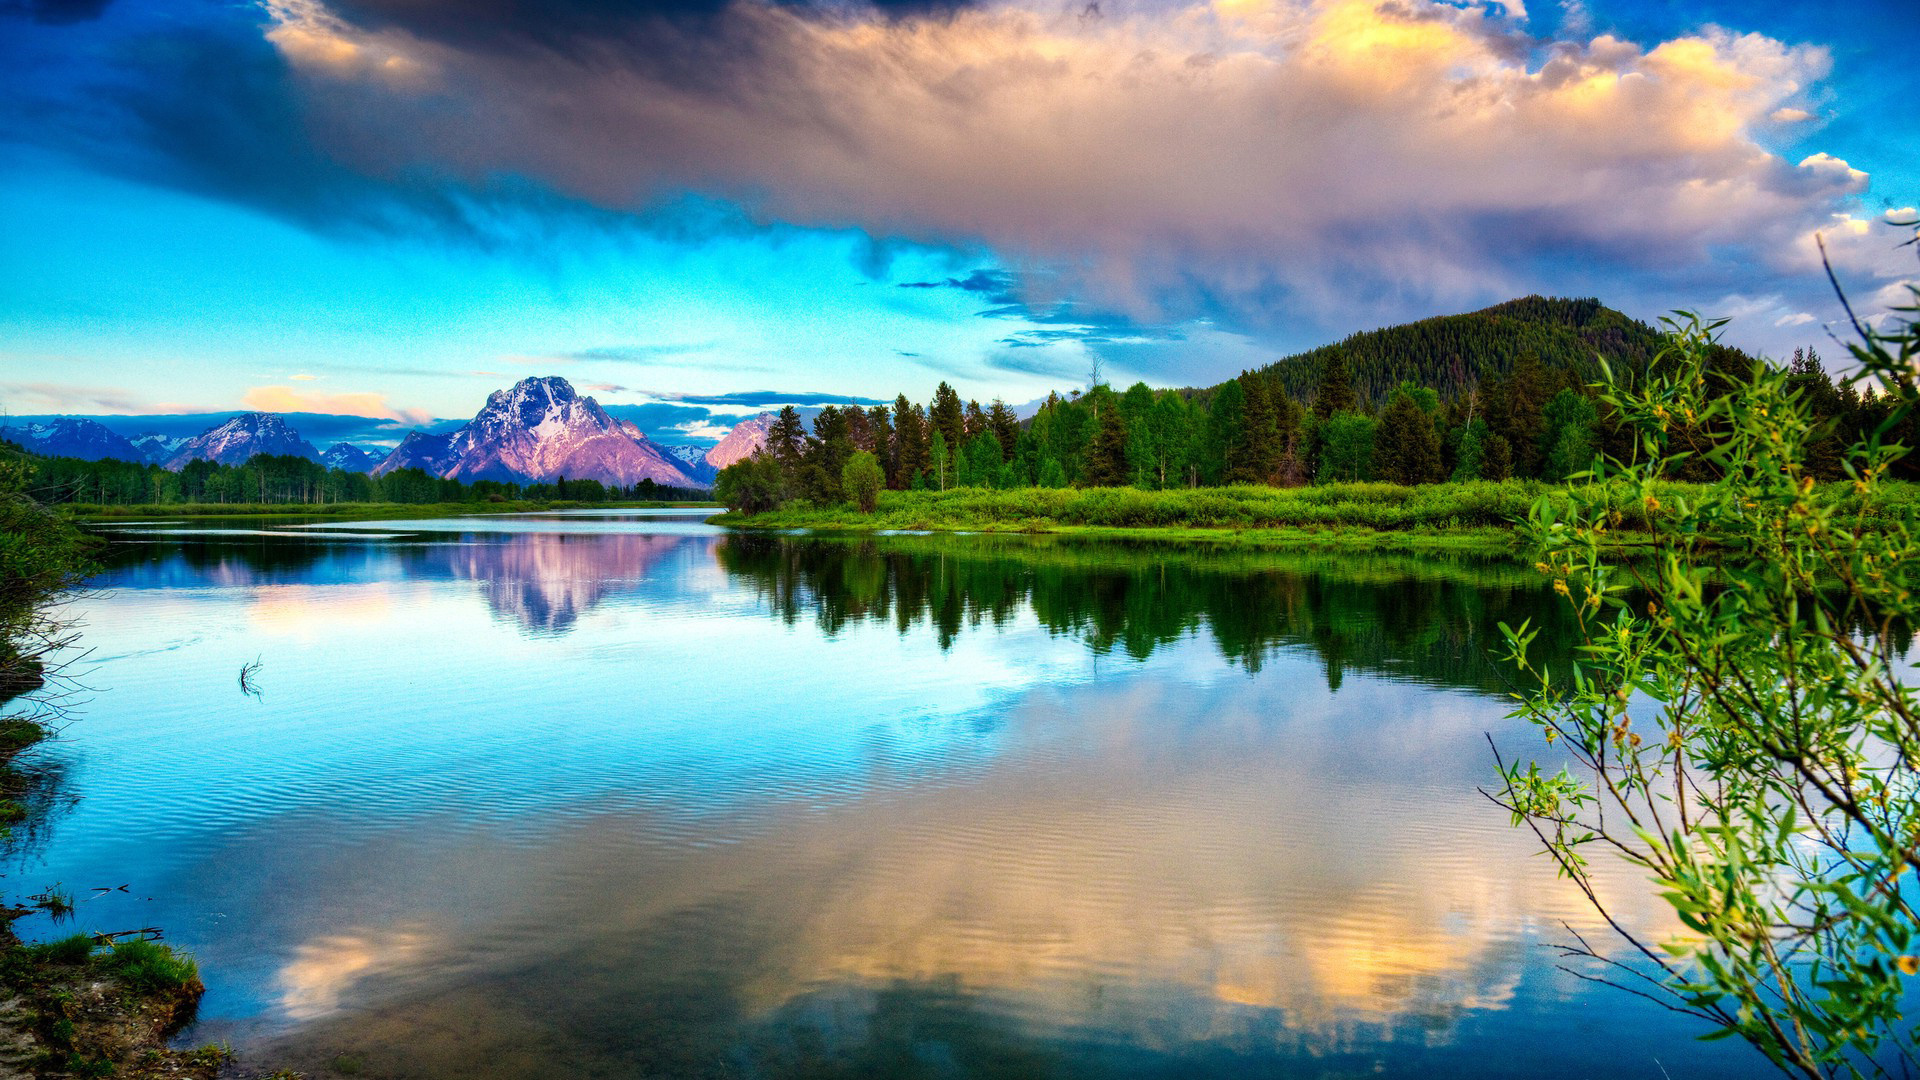 природа река горы облака набо nature river mountains clouds Noboa анонимно